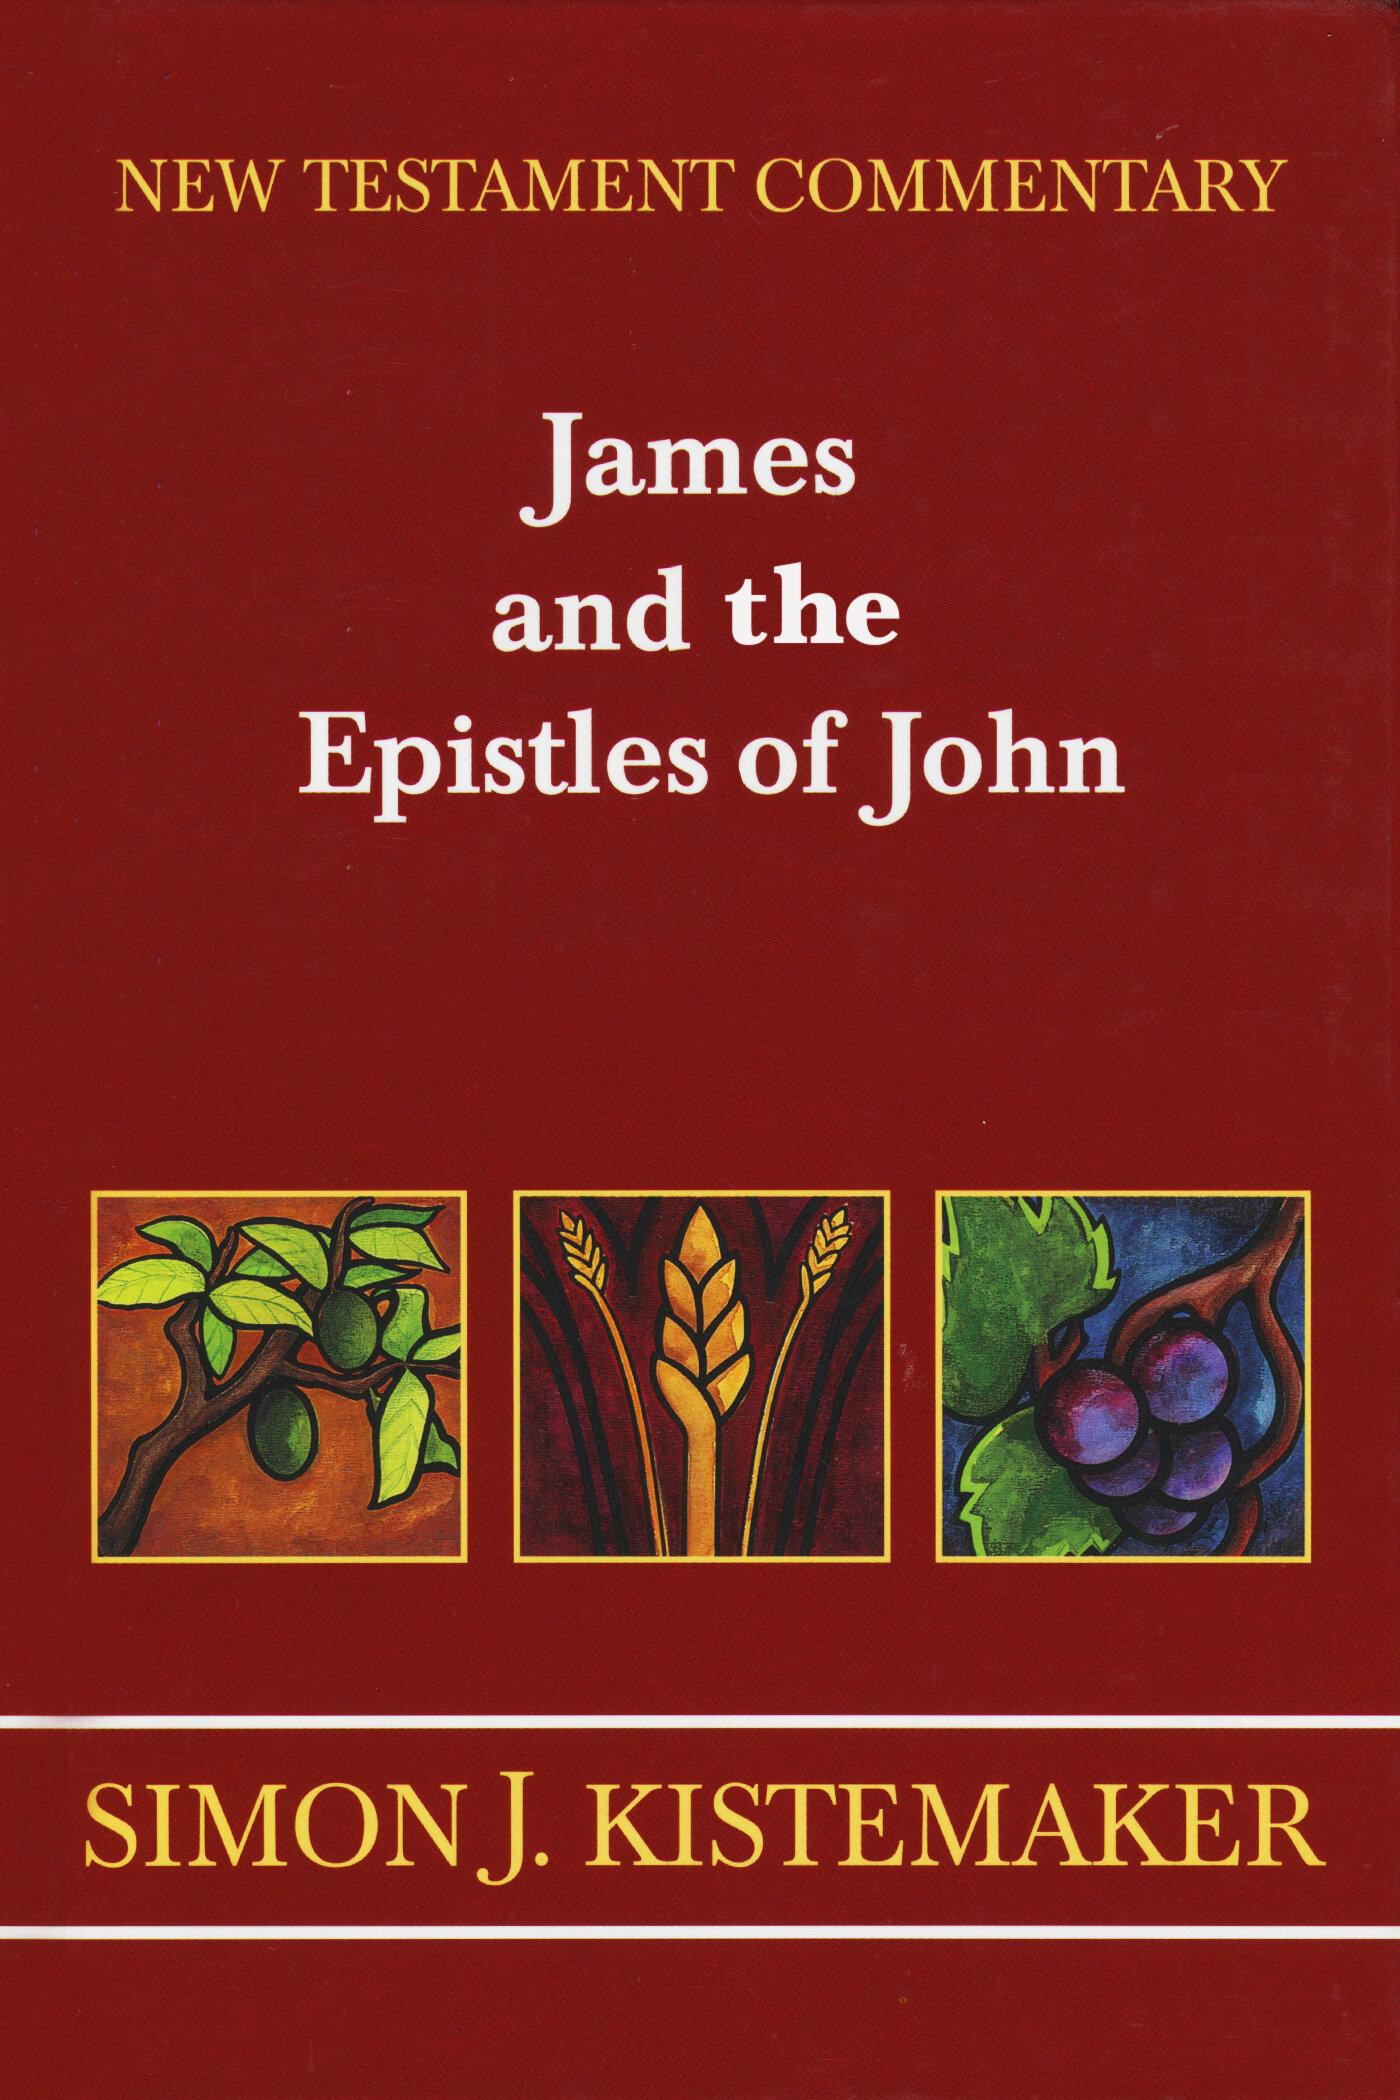 James and the Epistles of John (Hendriksen & Kistemaker New Testament Commentary | HK)